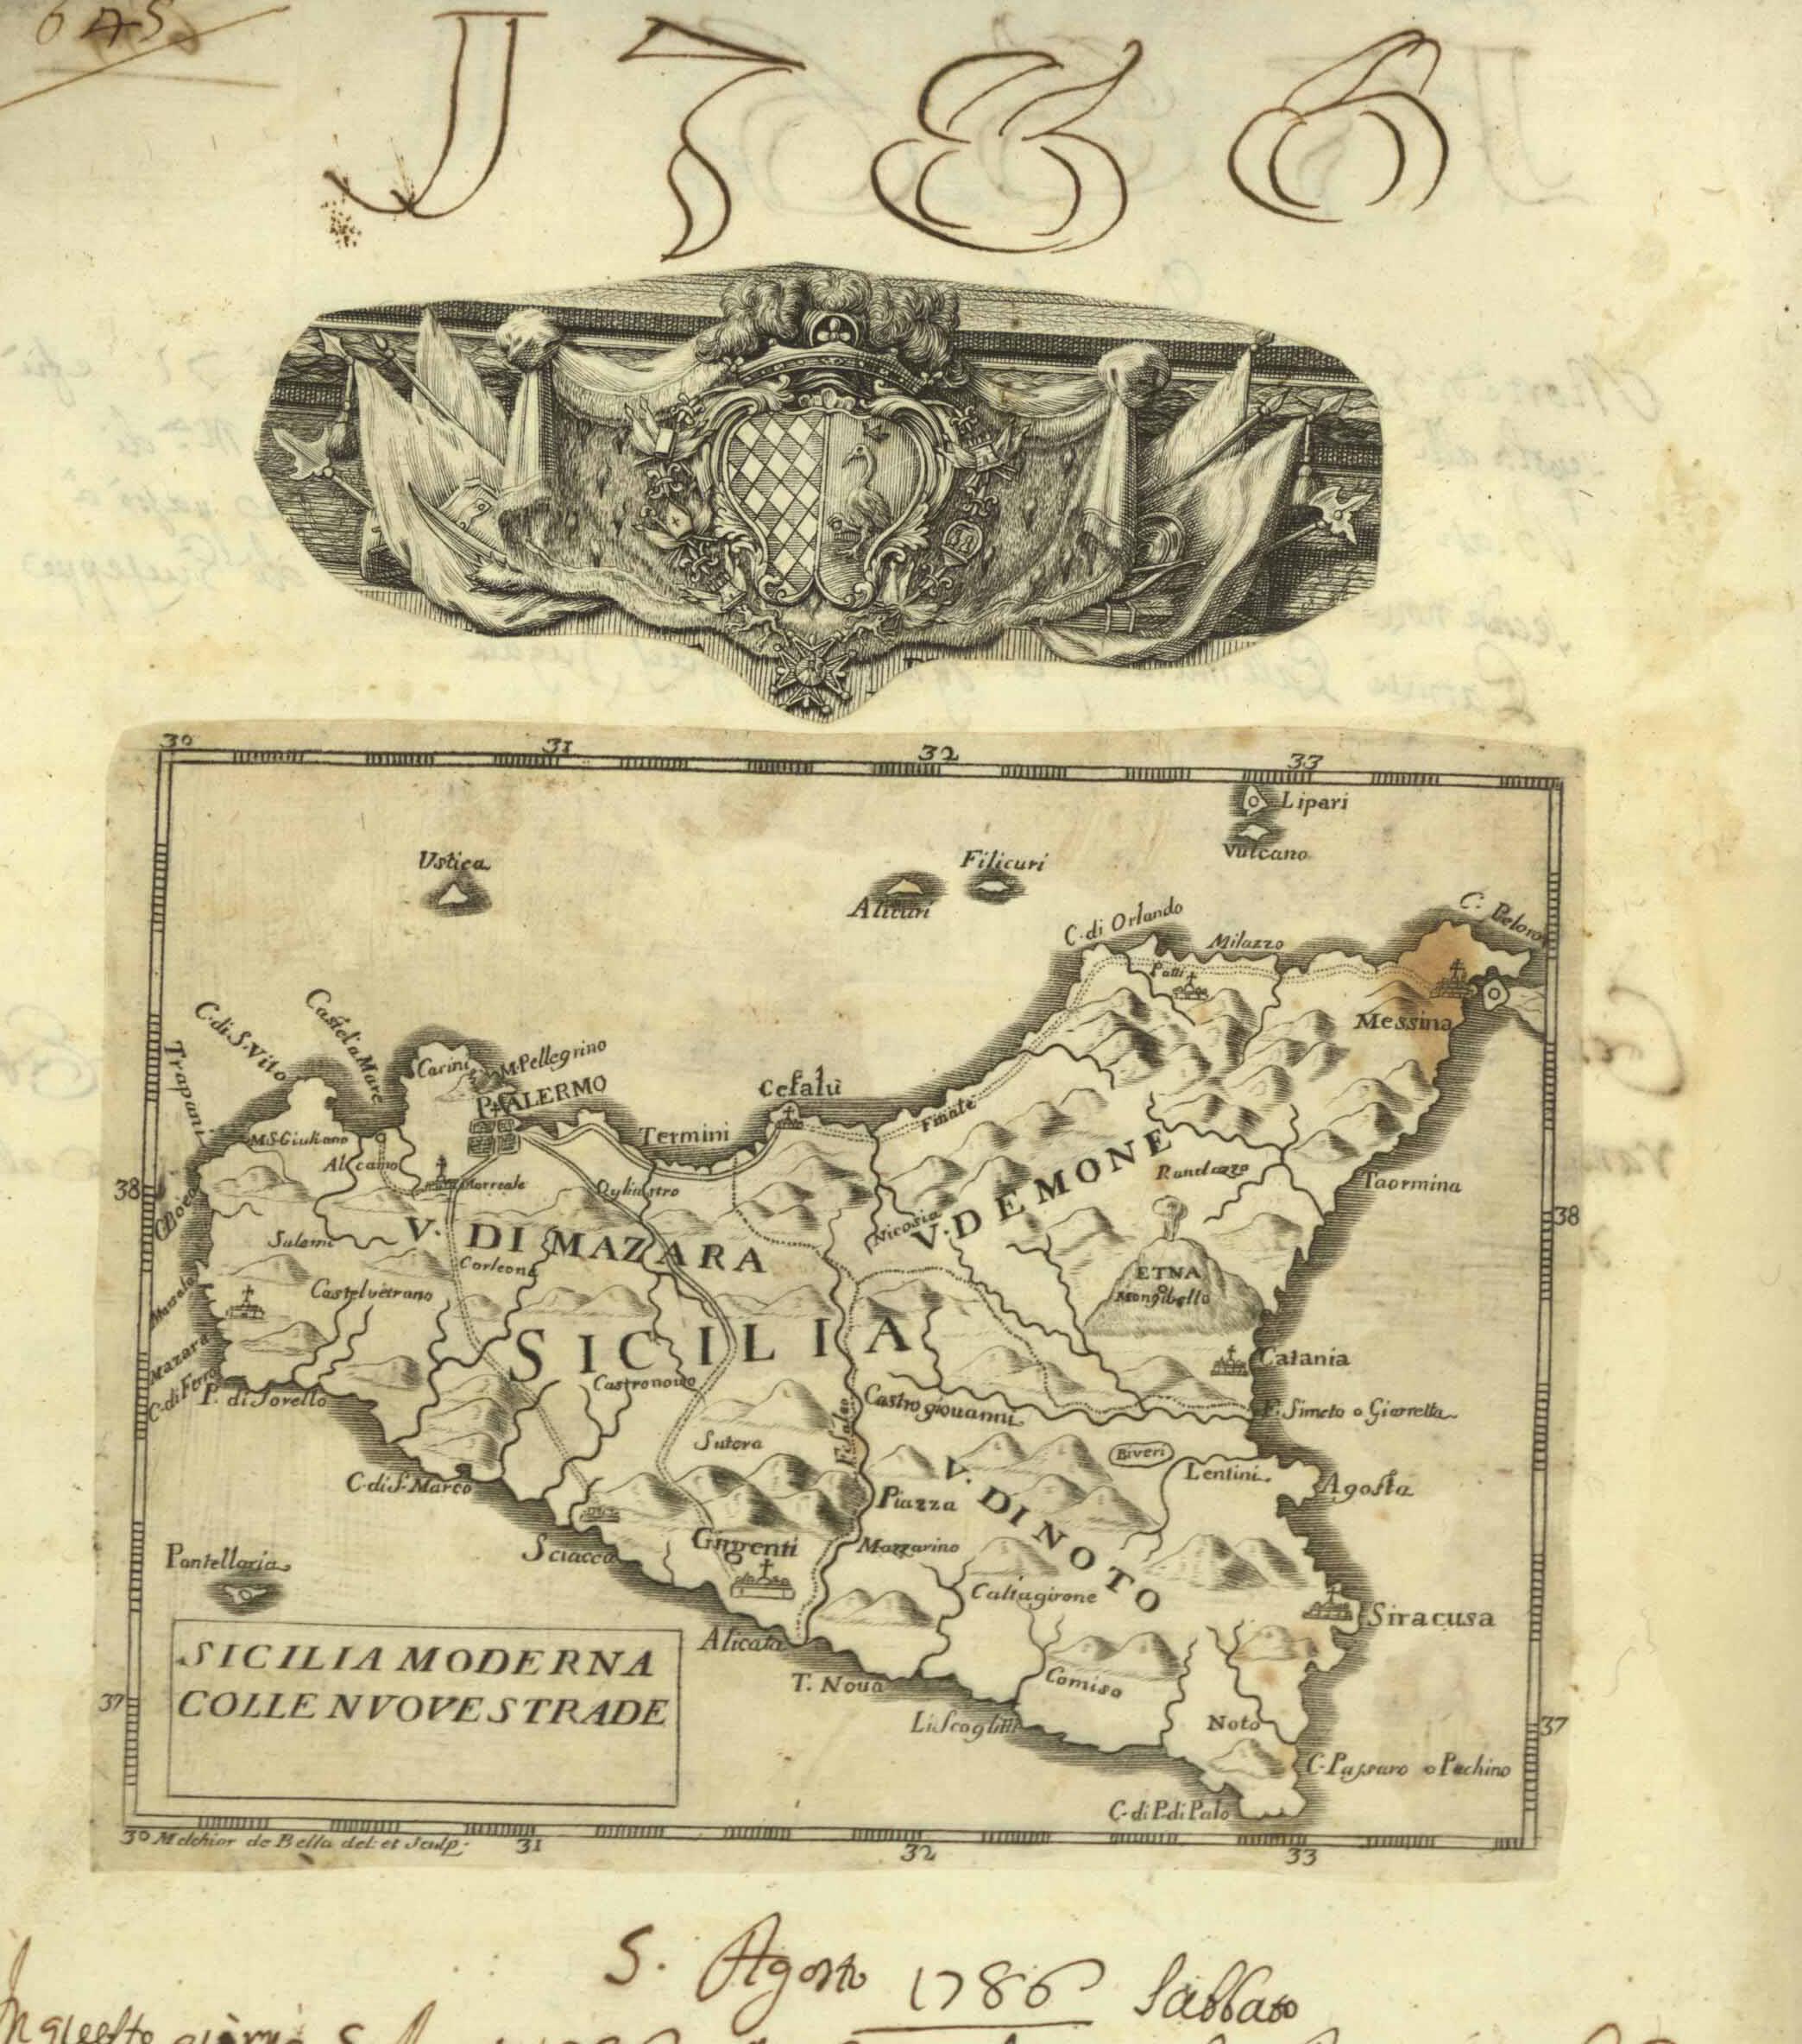 BIBLIOGRAFIA TOPOGRAFICA DELLA COLONIZZAZIONE GRECA ...CON 1 MAPPA DI LENTINI